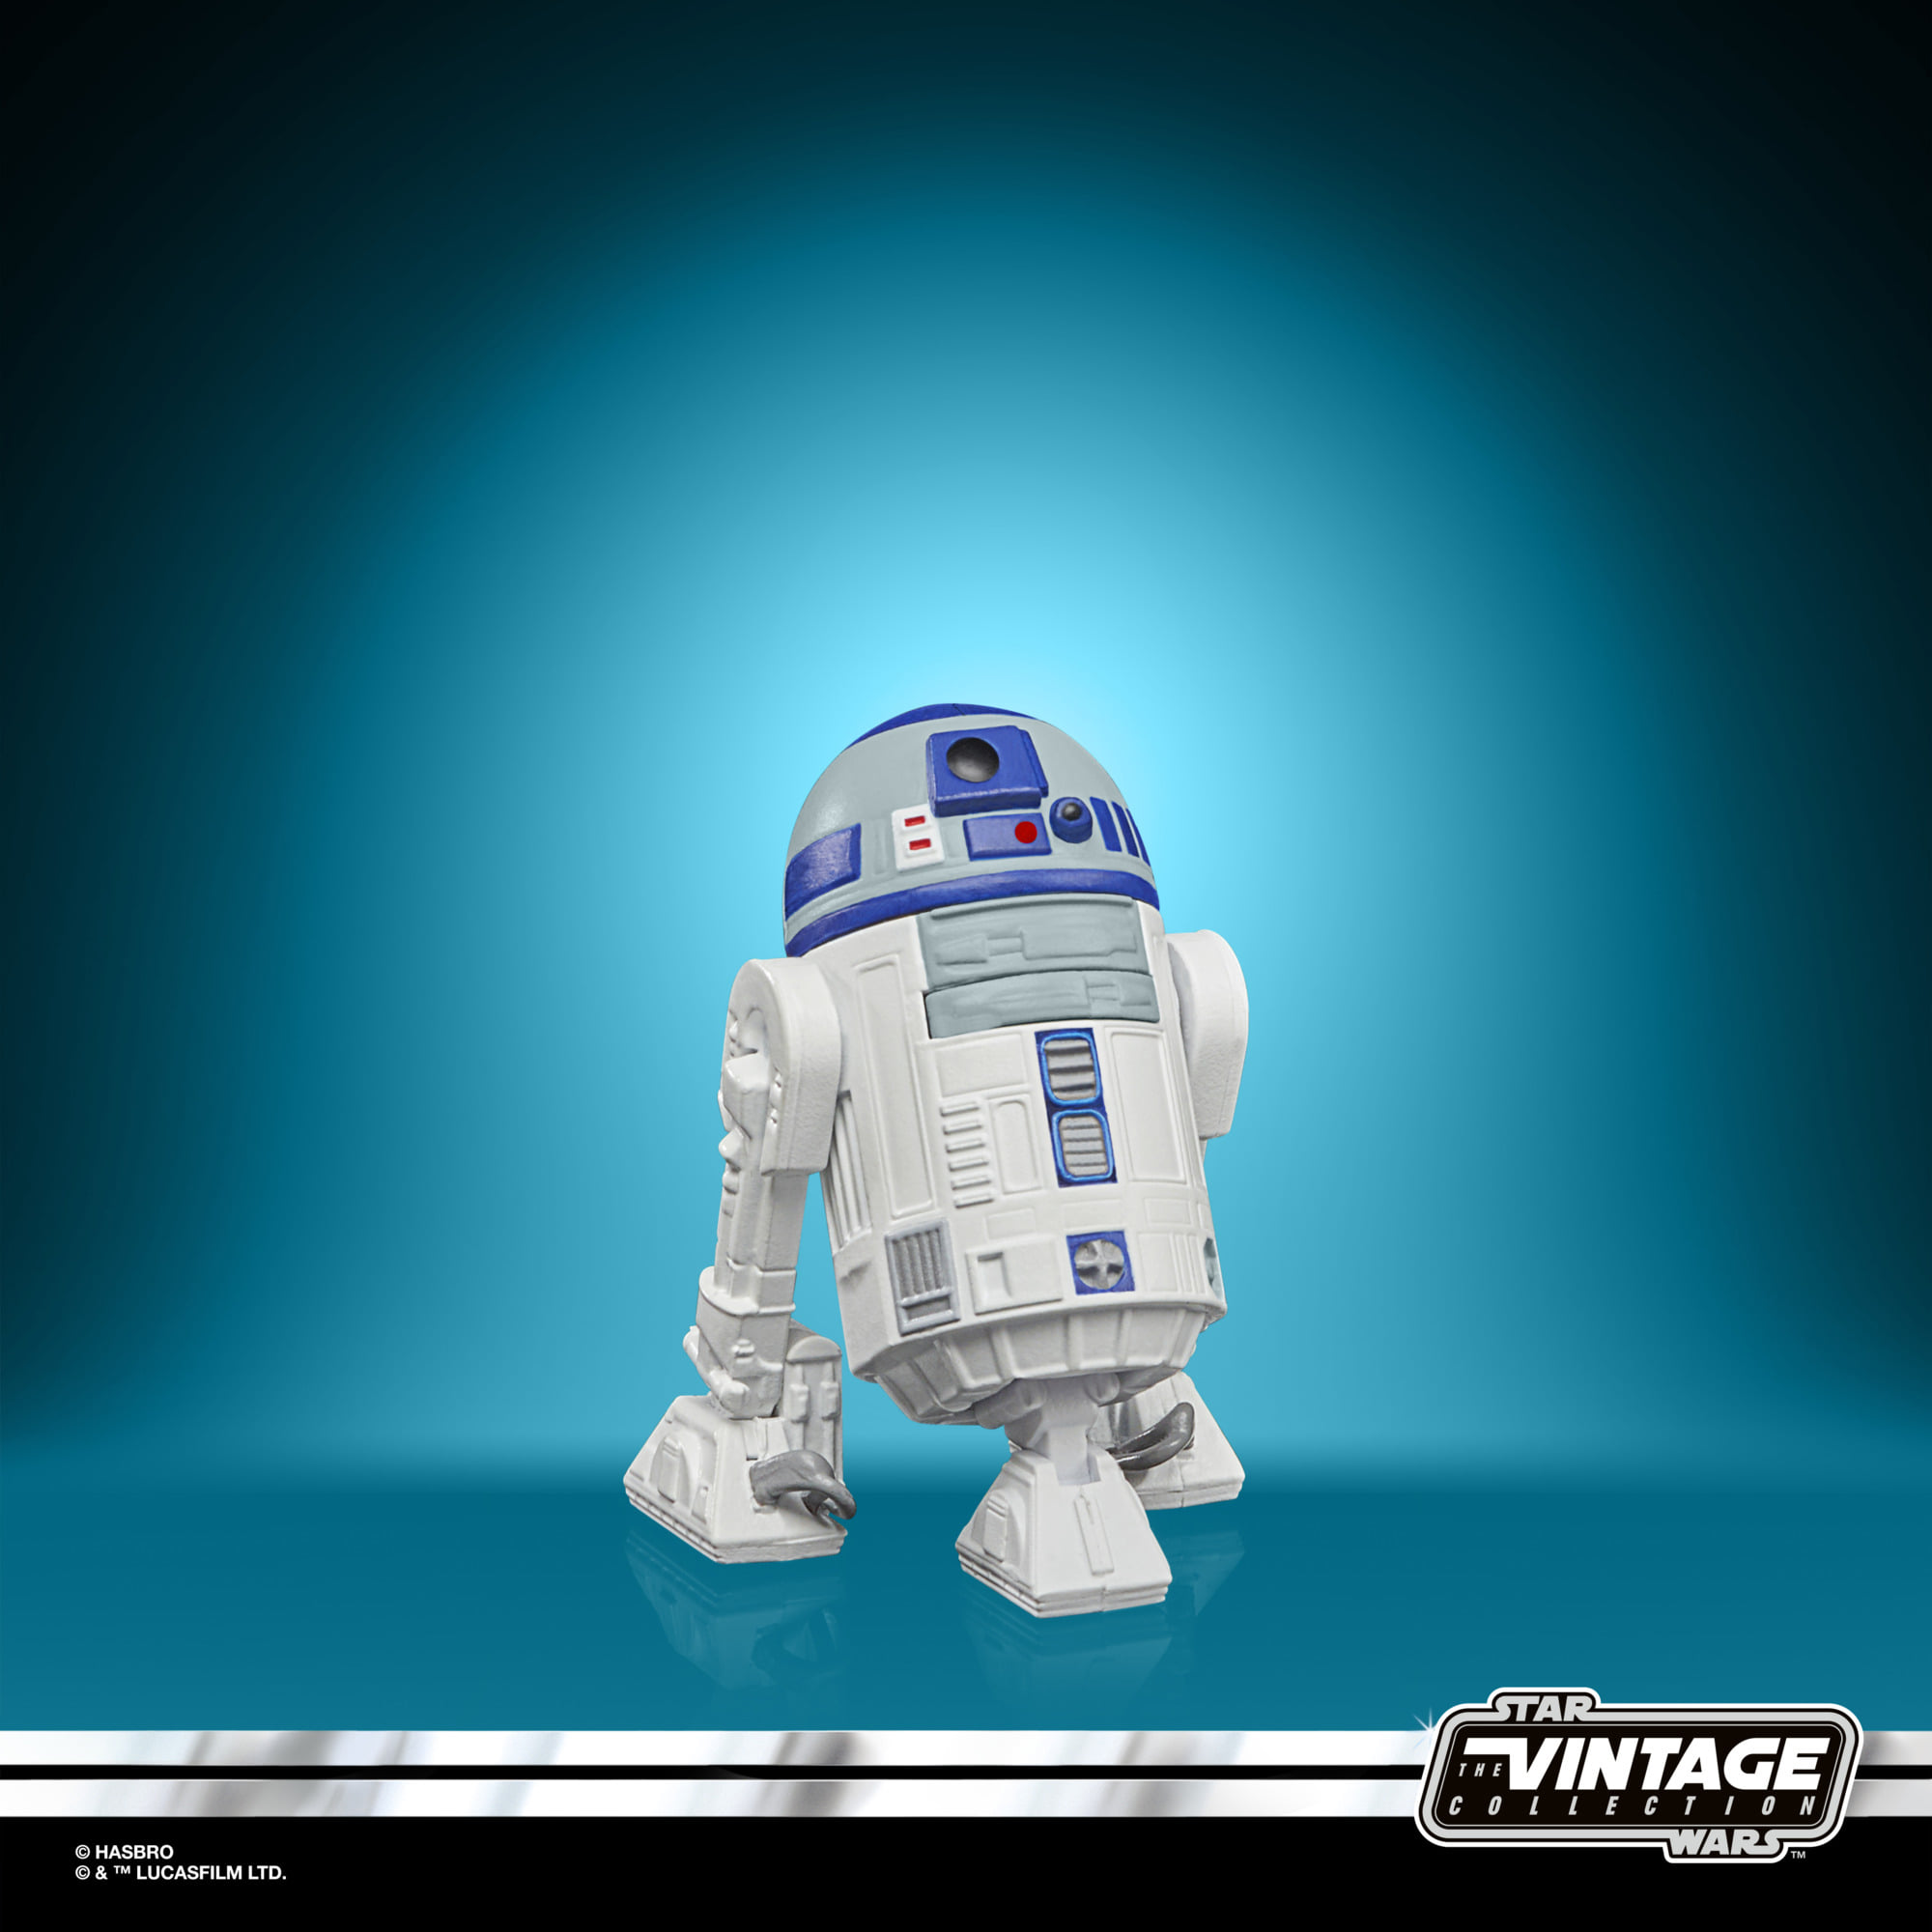 VC-R2-D2-Droids-Lucasfilm-50th-Anniversary-Loose-1.jpg